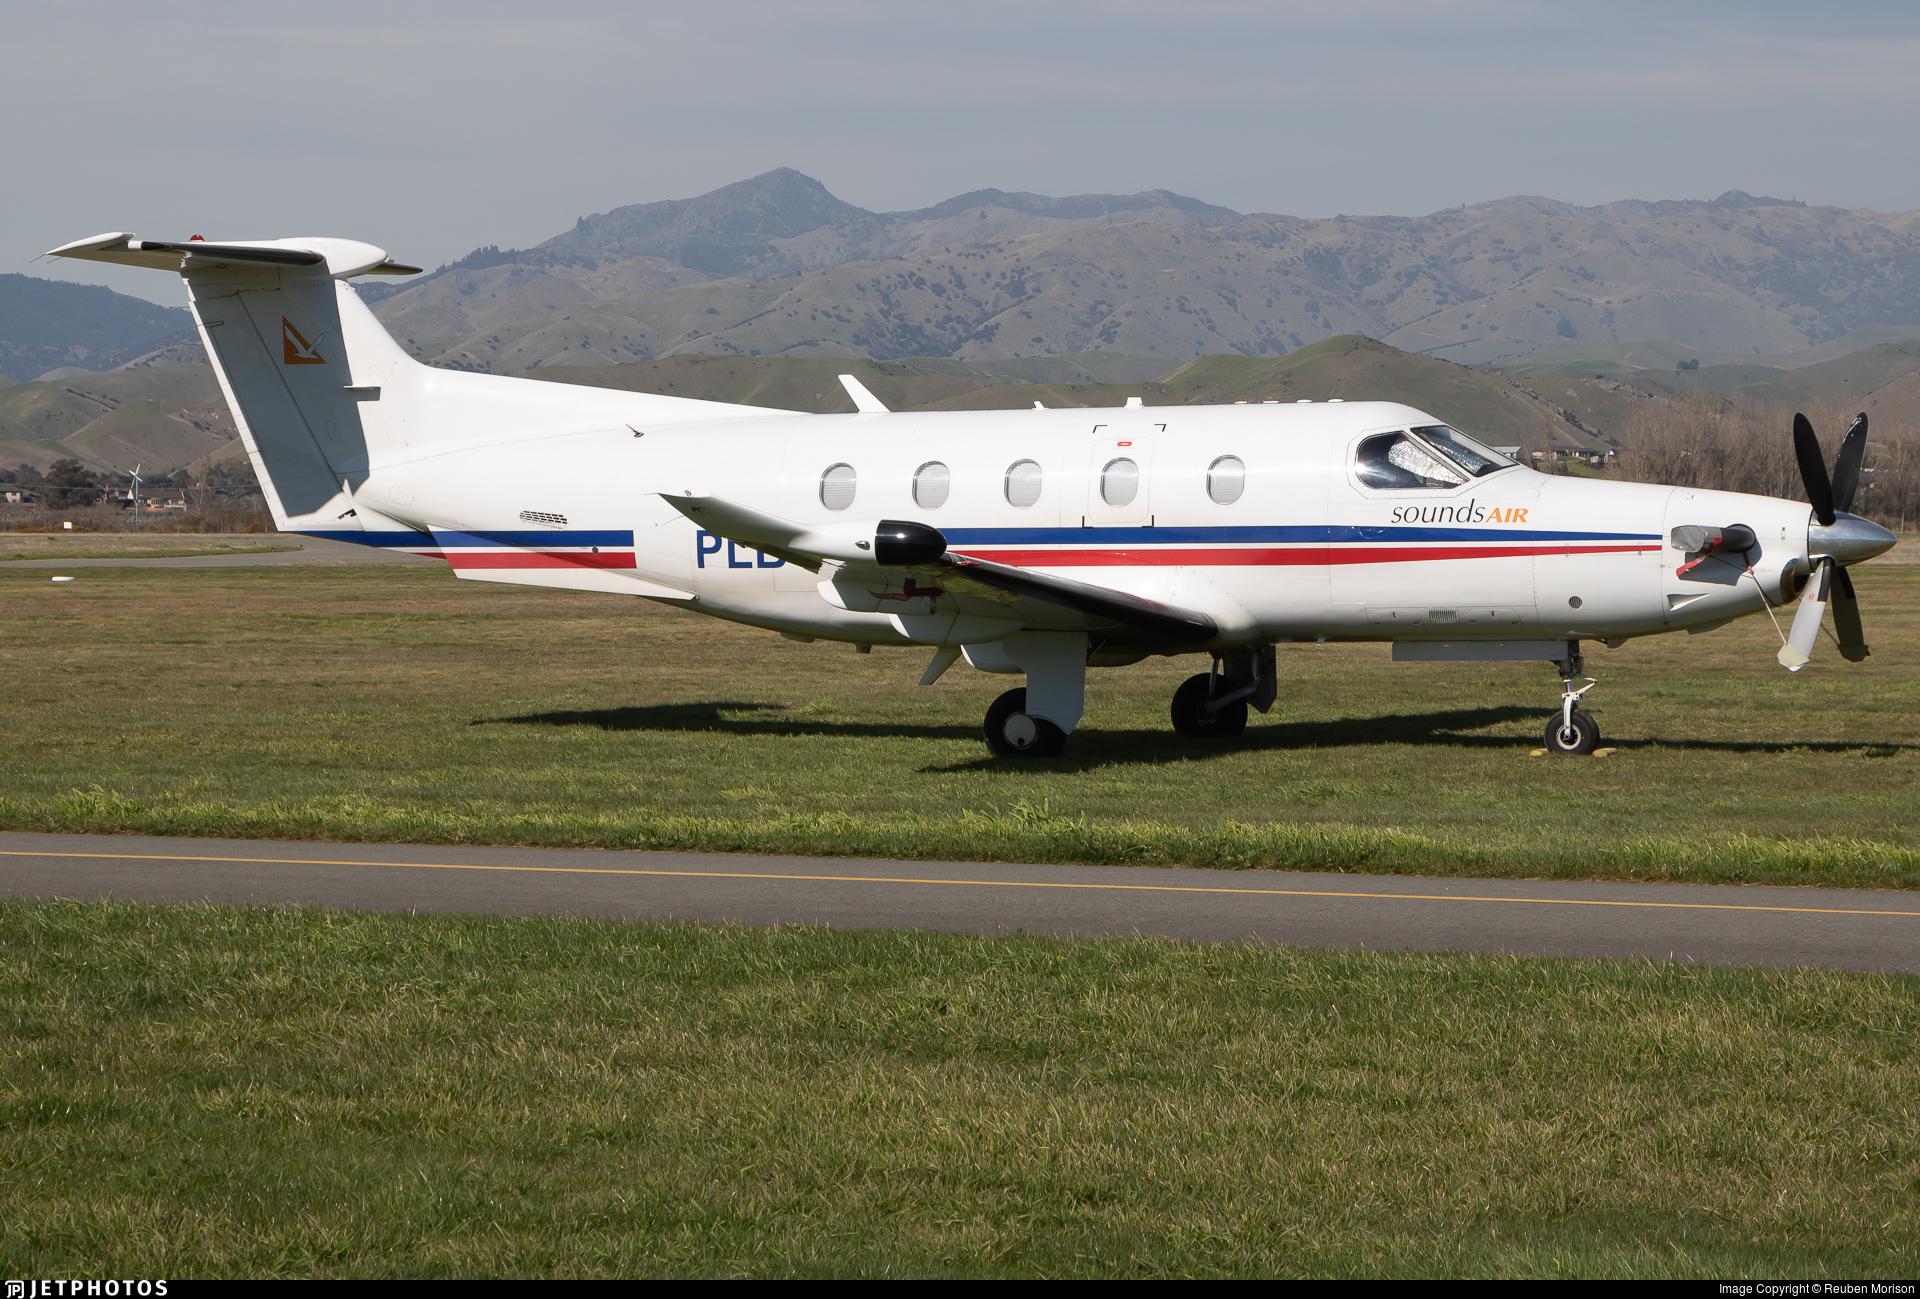 ZK-PLB - Pilatus PC-12/47 - Sounds Air